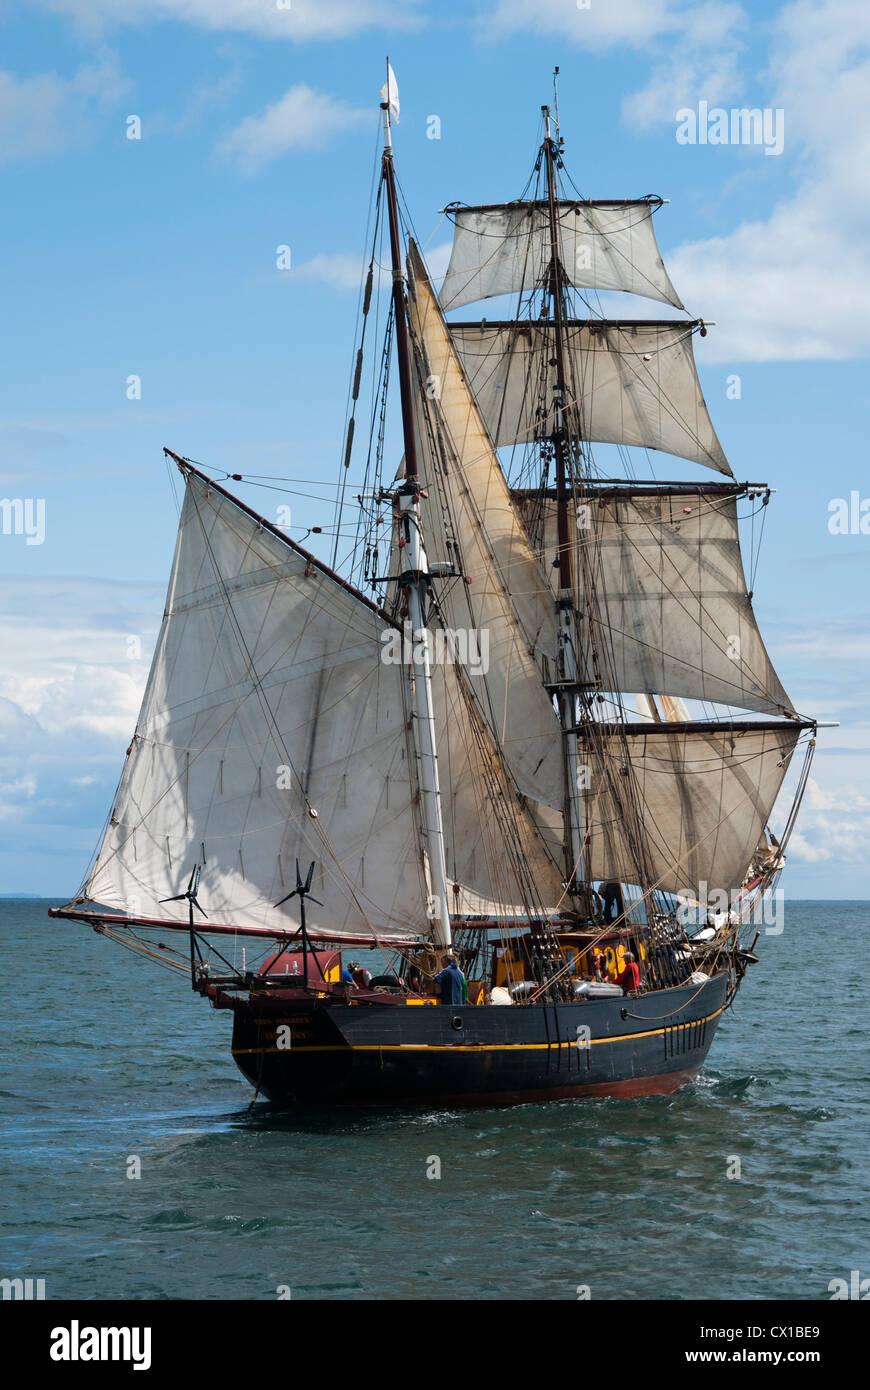 Großsegler, Segelschiff und Frachtschiff, Brigadine Tres Hombres, zwei Masten und quadratische manipulierten Schoner Stockfoto